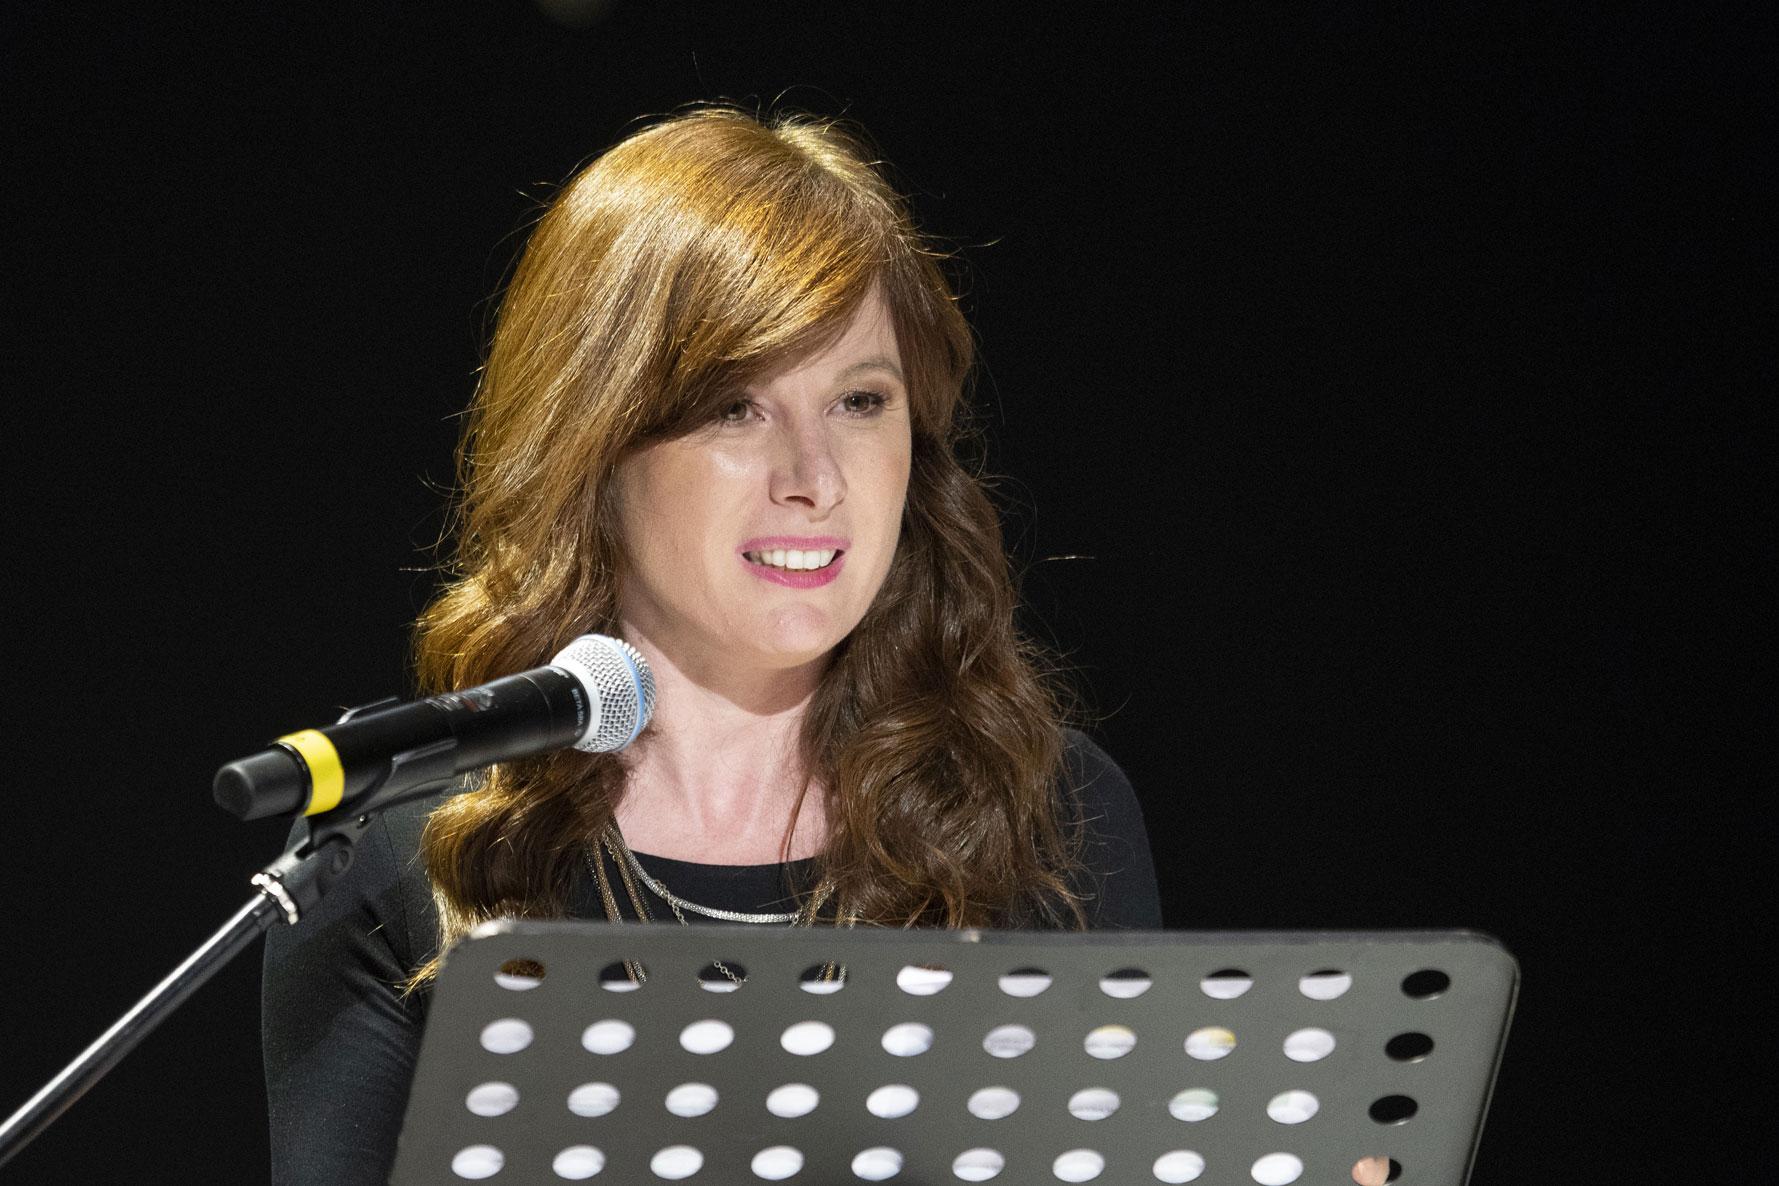 Sarah-Maestri